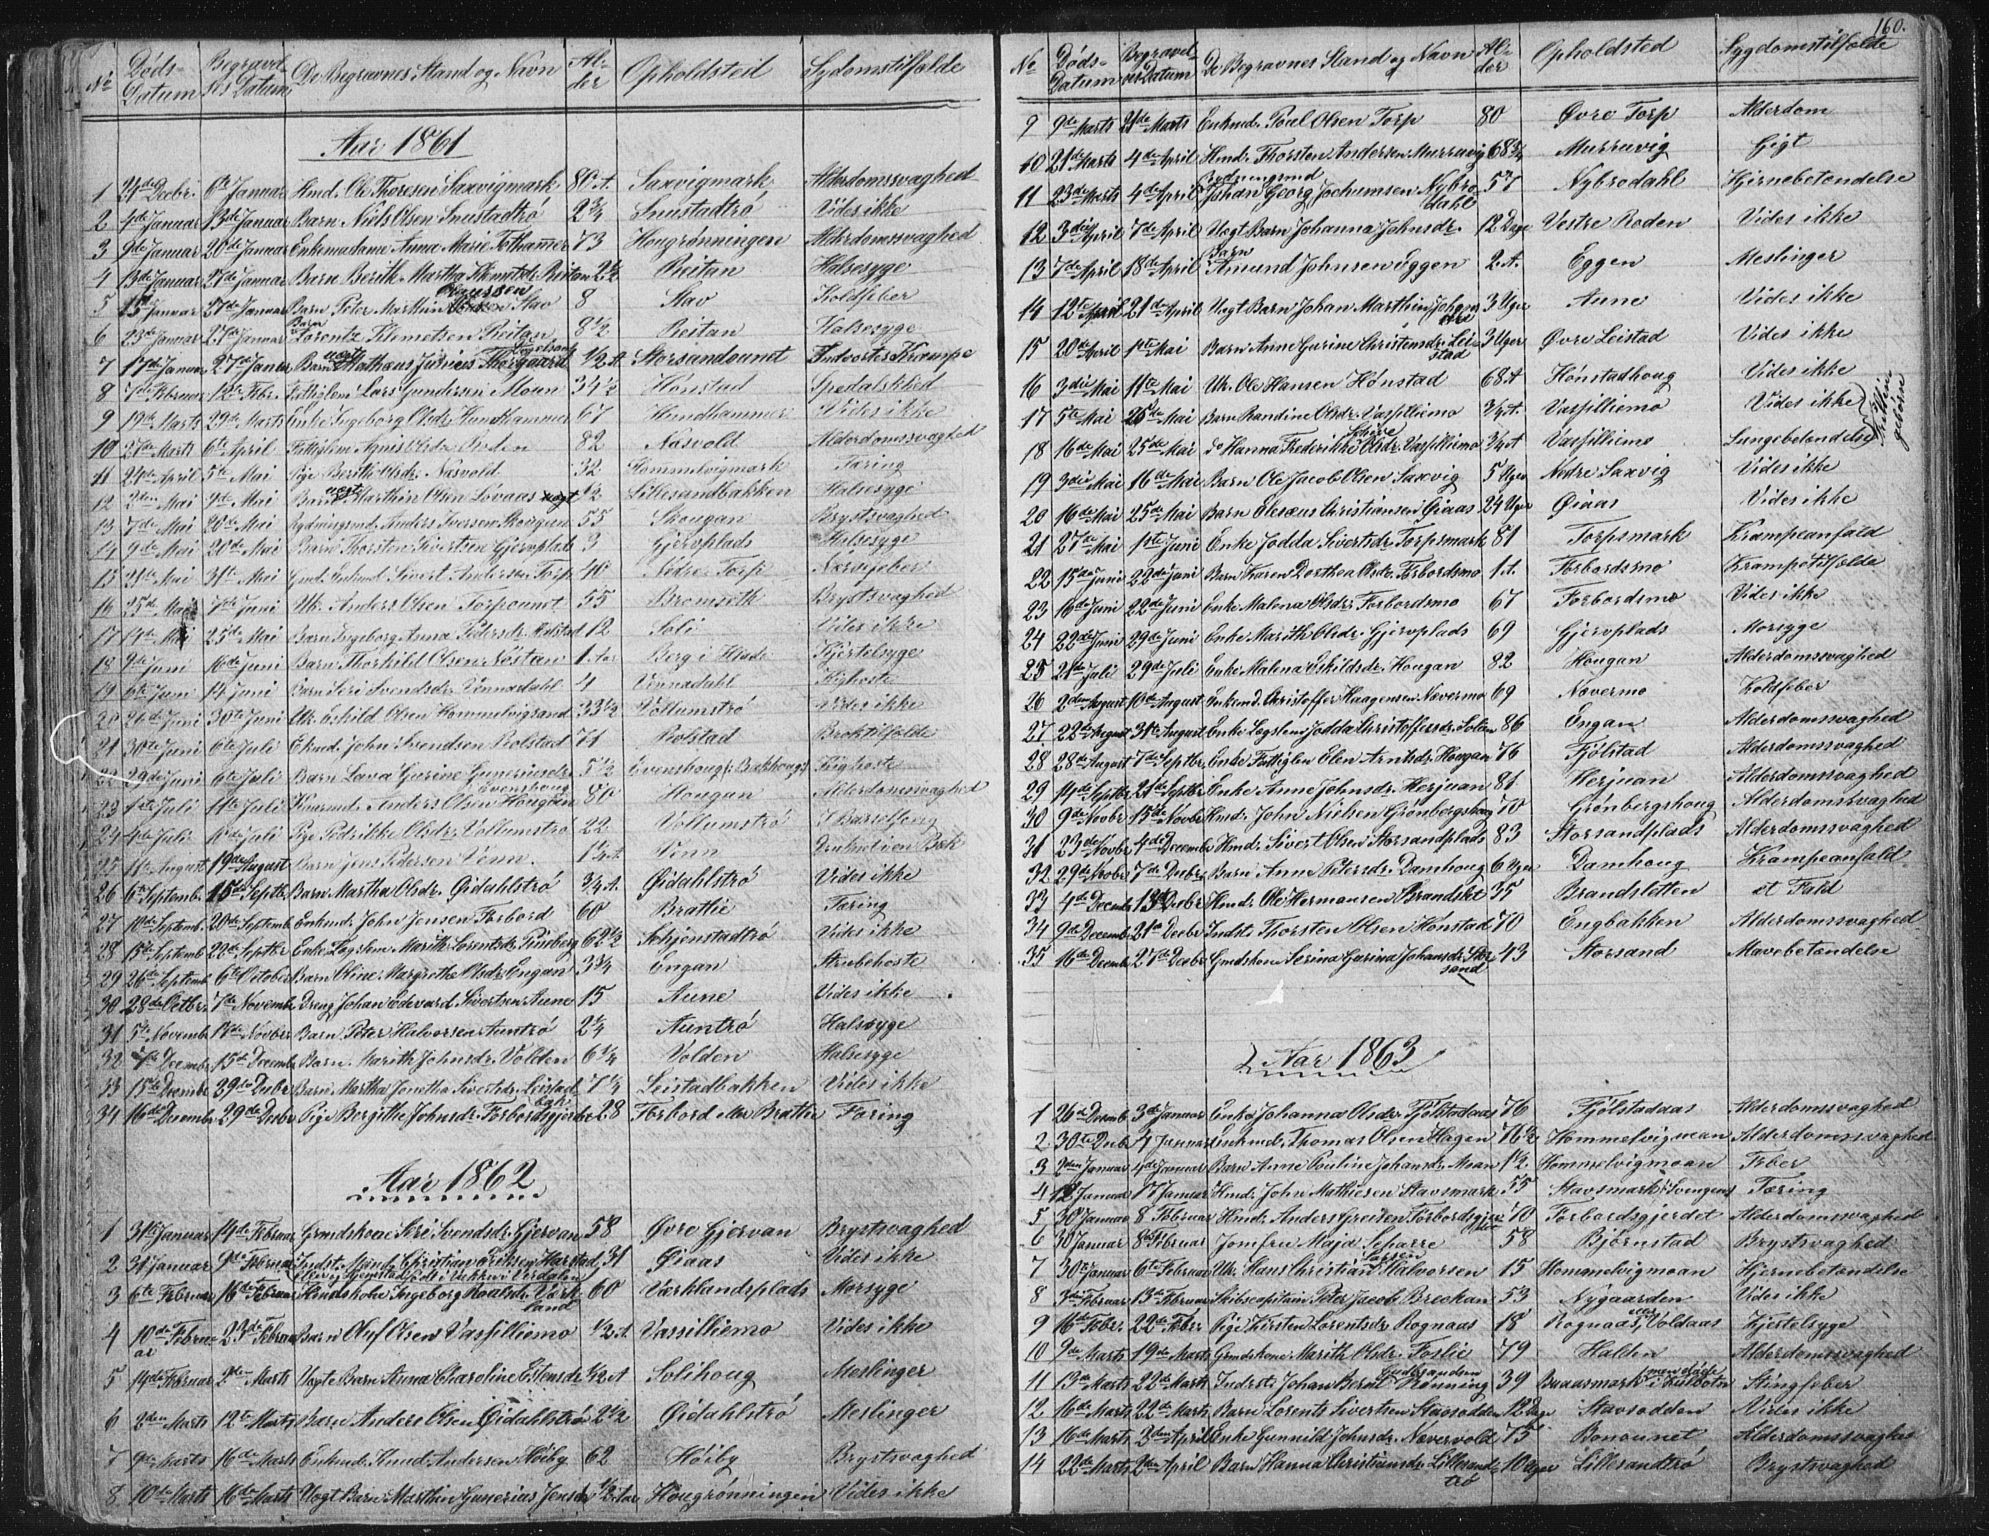 SAT, Ministerialprotokoller, klokkerbøker og fødselsregistre - Sør-Trøndelag, 616/L0406: Ministerialbok nr. 616A03, 1843-1879, s. 160